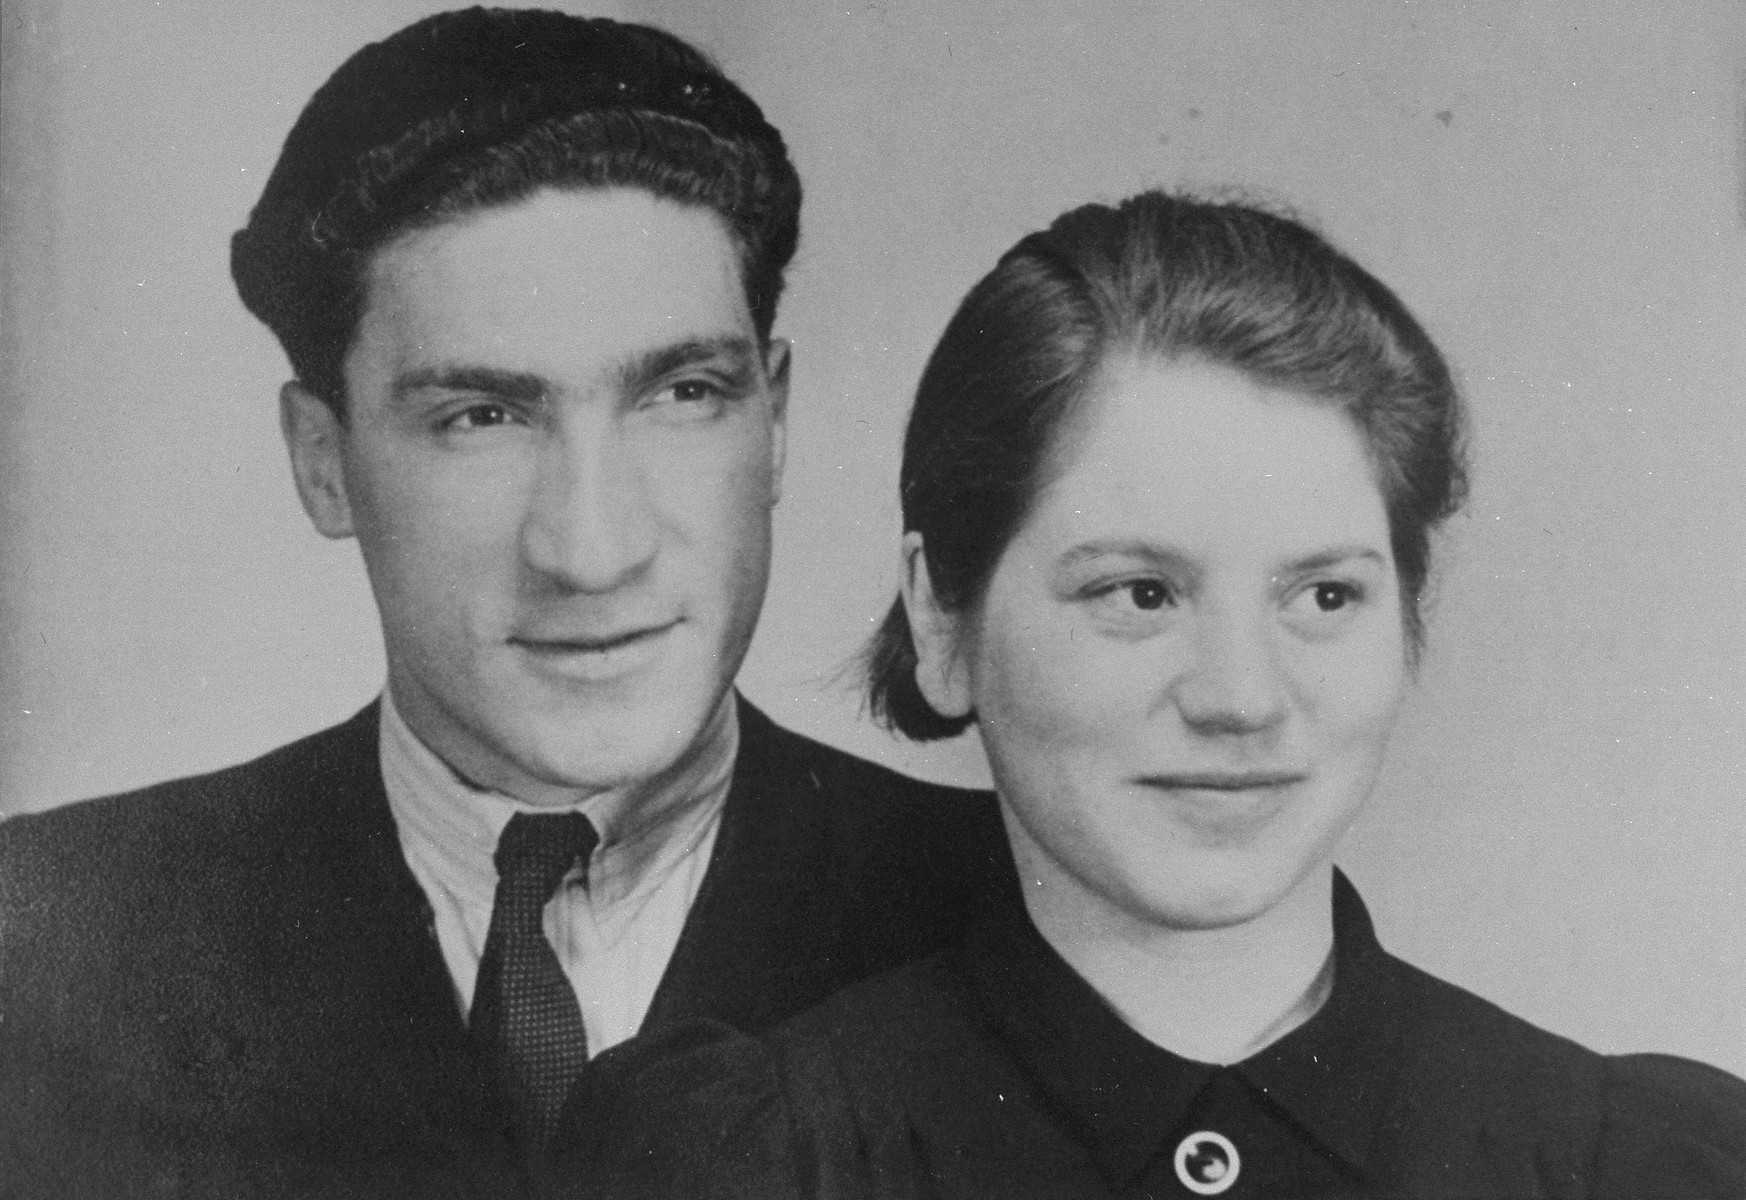 Portrait of Coenraad Rood and his wife Elisabeth Kooperberg Rood.